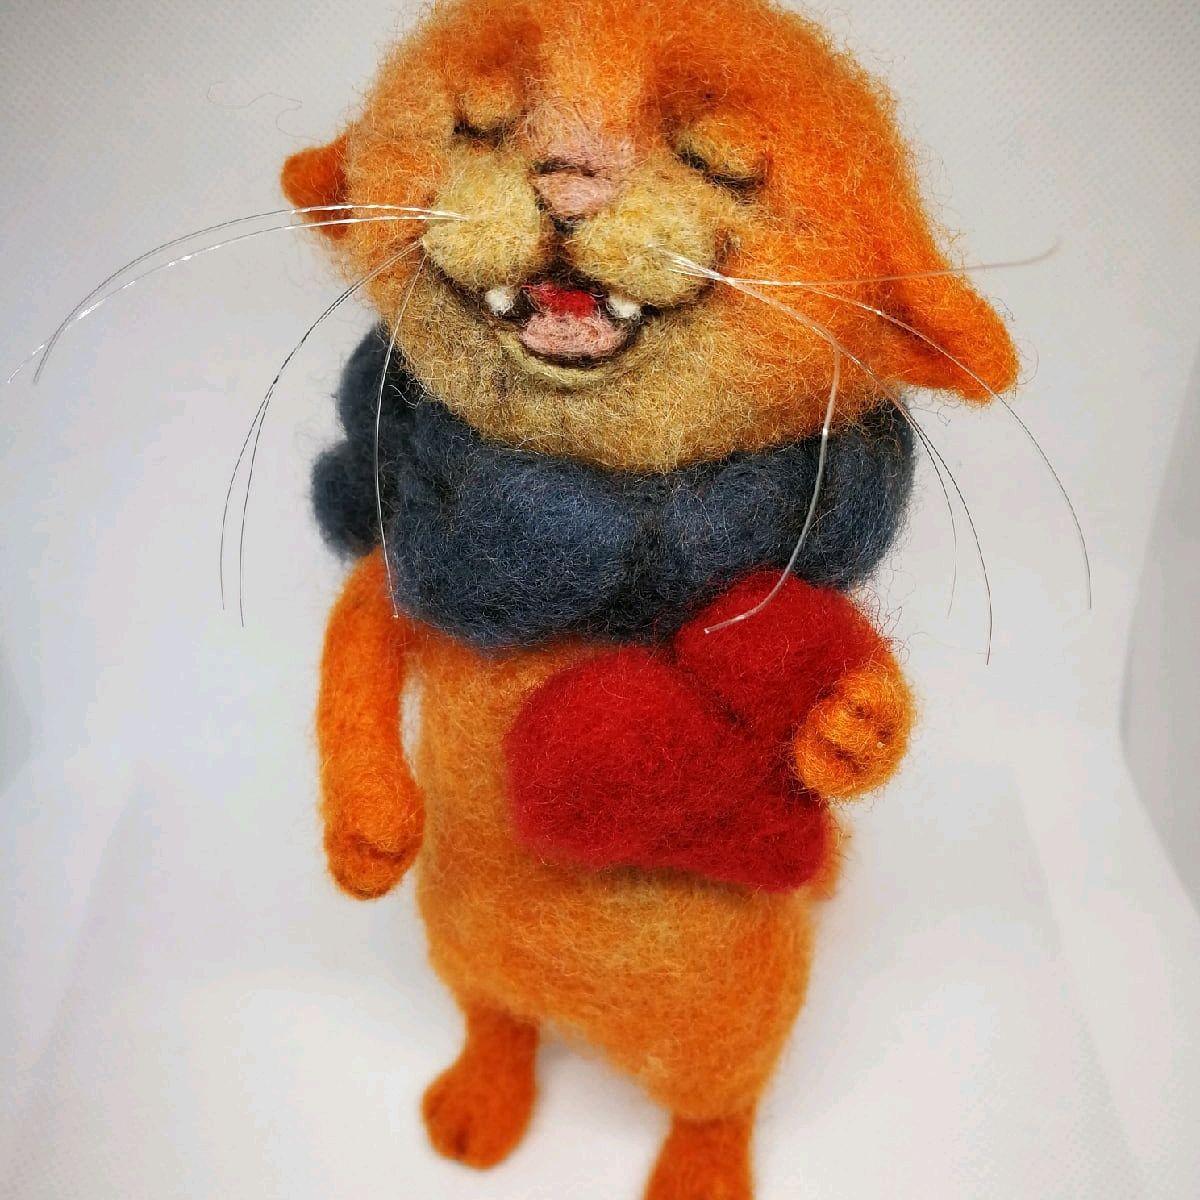 Войлочная игрушка кот поющий Котофей, Войлочная игрушка, Ступино,  Фото №1